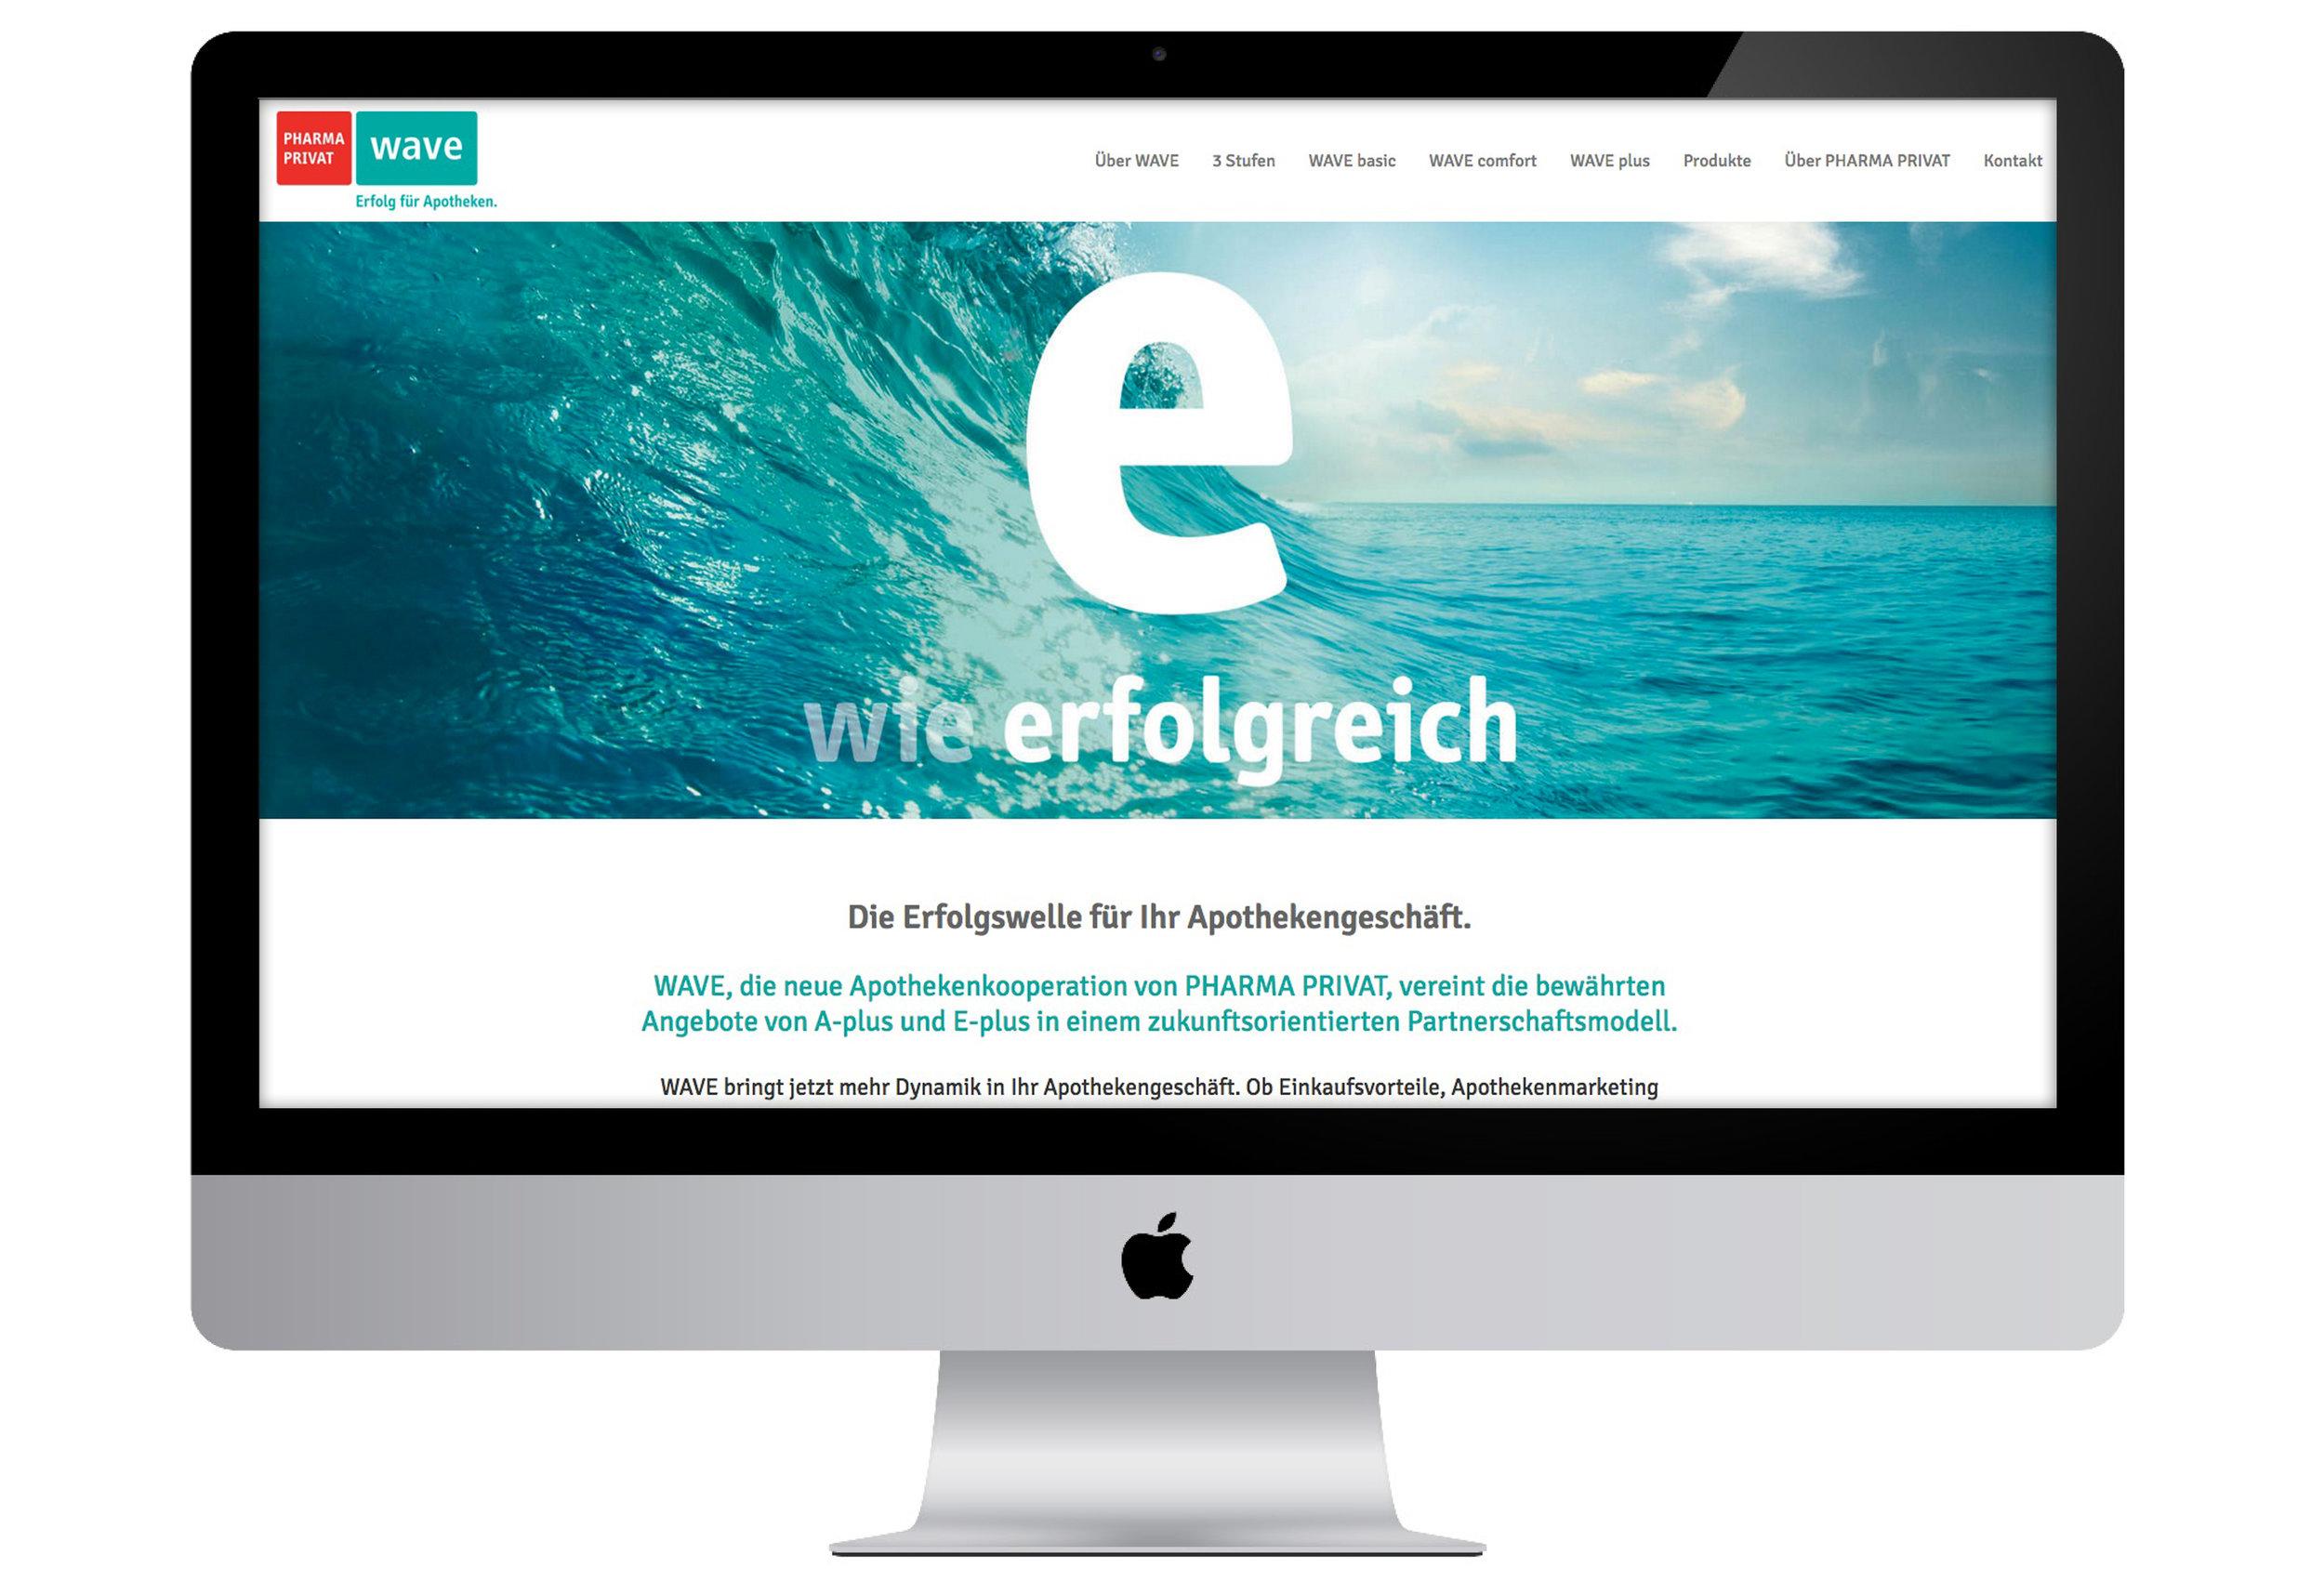 WAVE_Webauftritt_05.jpg